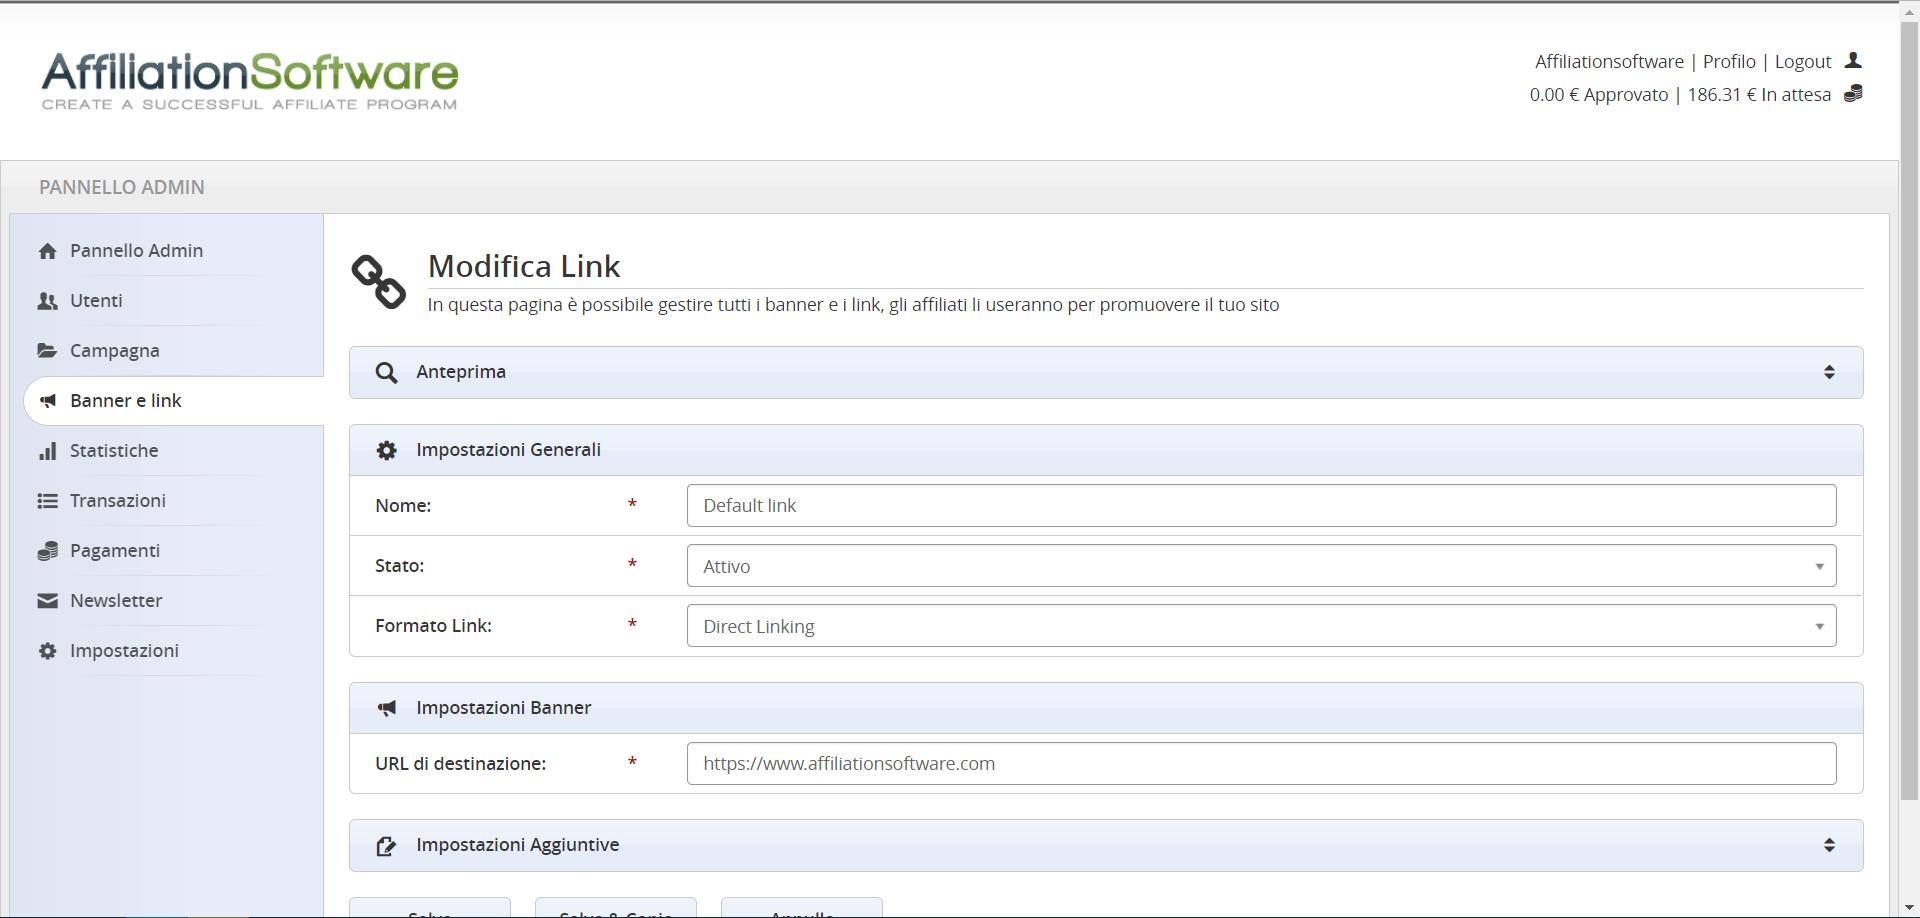 Formati di referral links disponibili